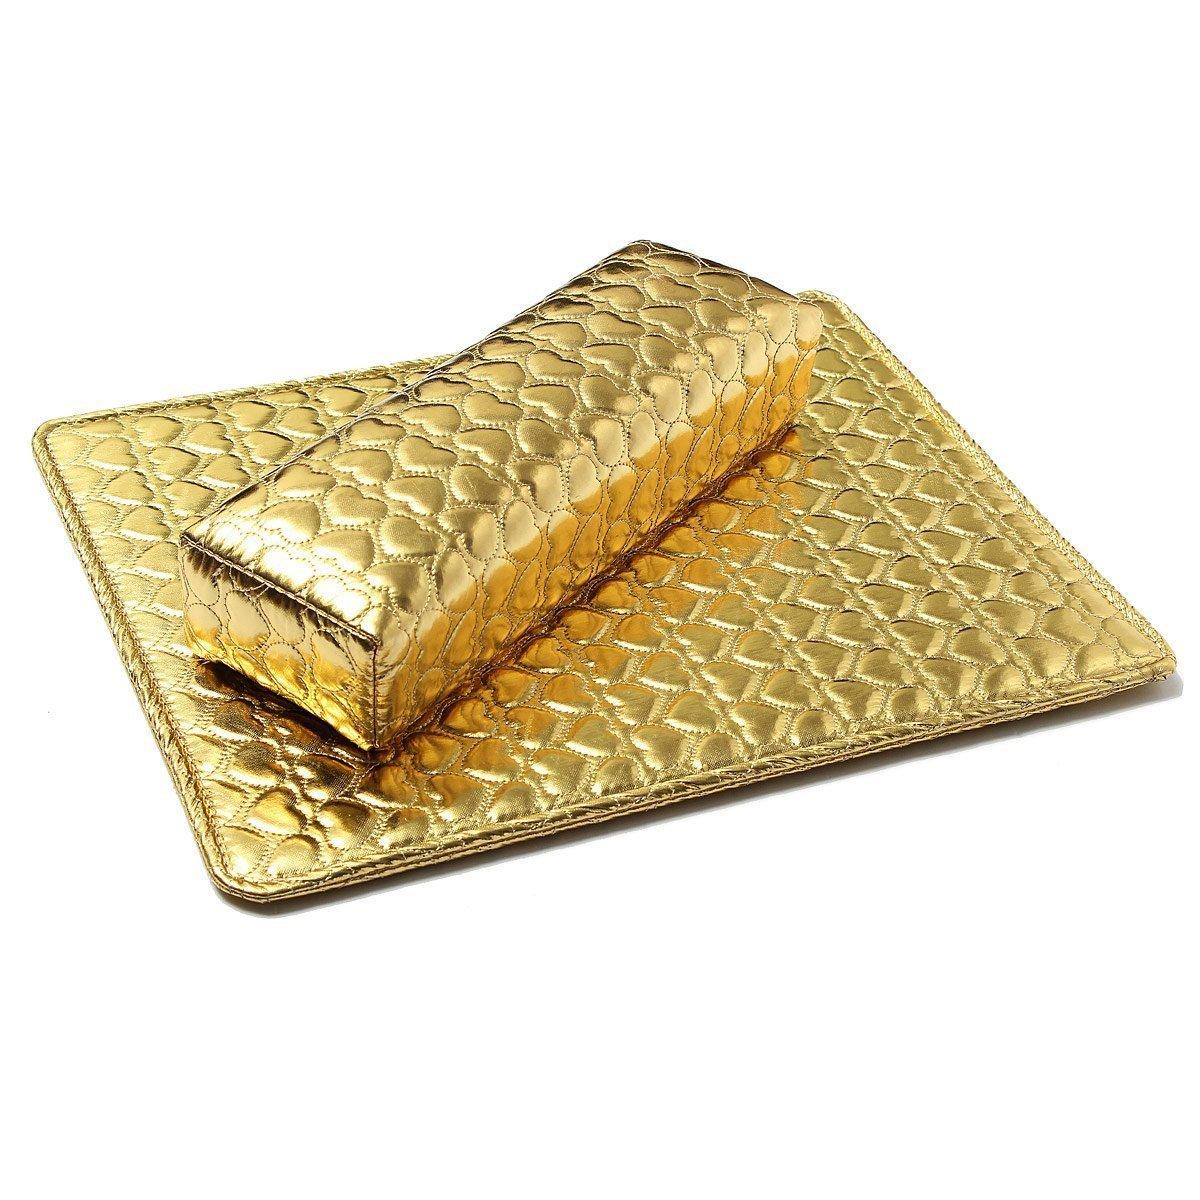 TOOGOO(R) Mano suave cojin almohada y apoyo de almohadilla Arte de una Sostenedor de apoyo del brazo manicura Accesorios del arte de una PU cuero Oro TOOGOO (R) 047139